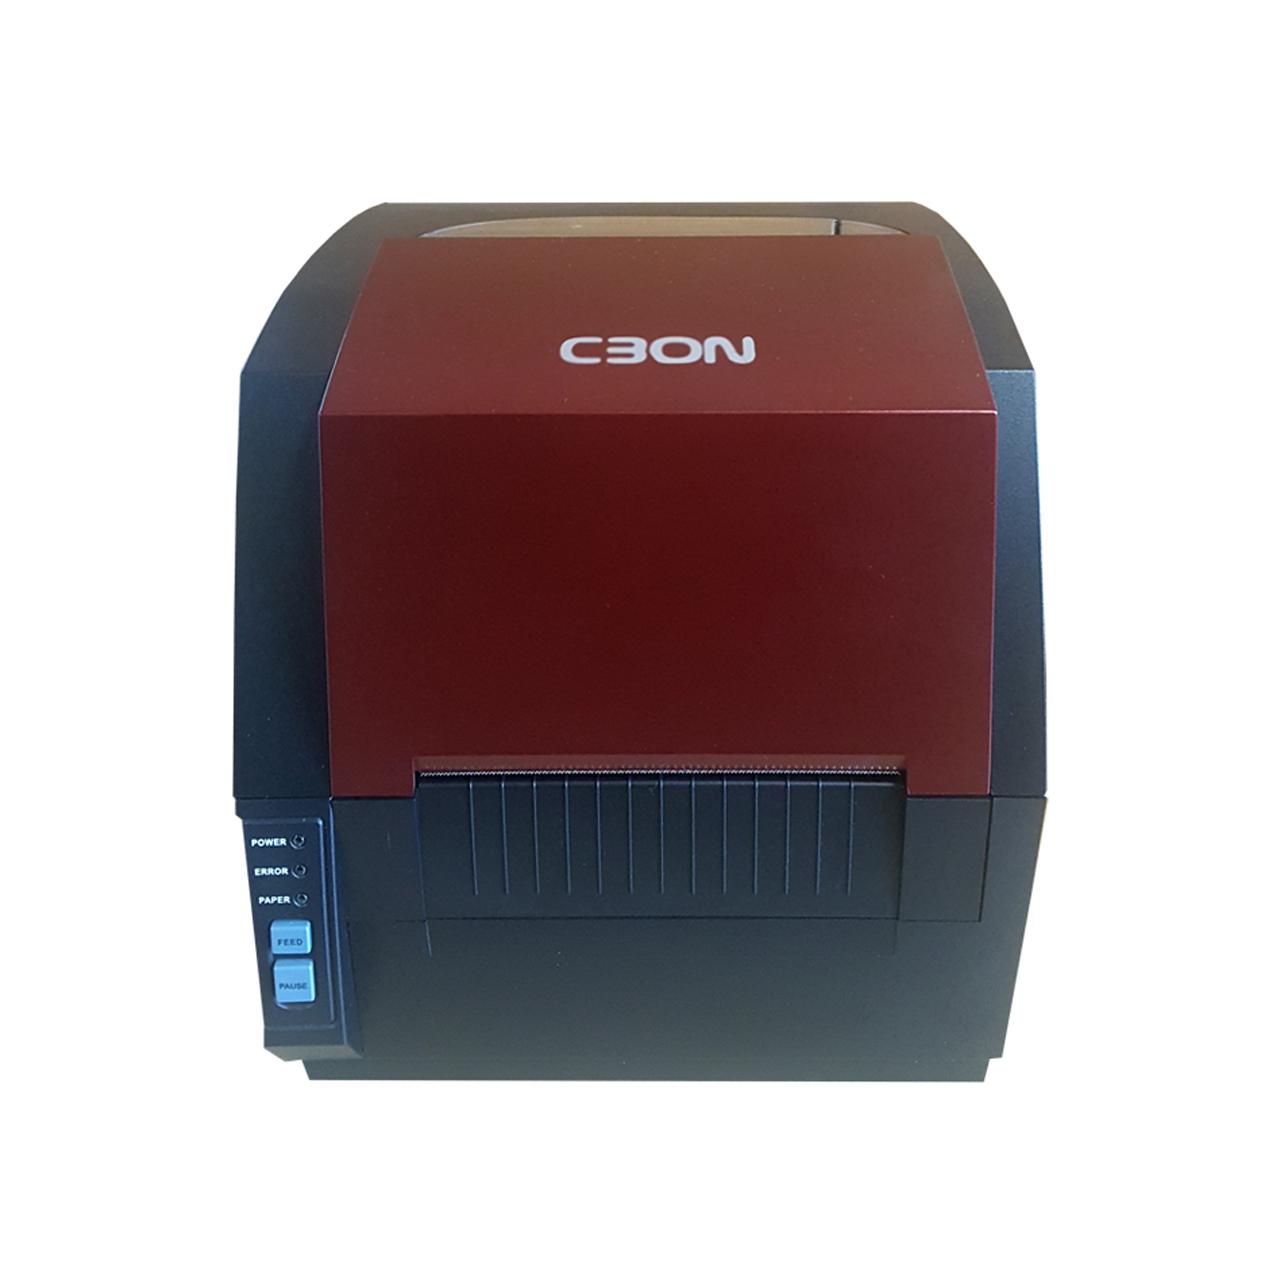 قیمت                      پرینتر حرارتی لیبل زن سی بن  مدل CL-S25IIB